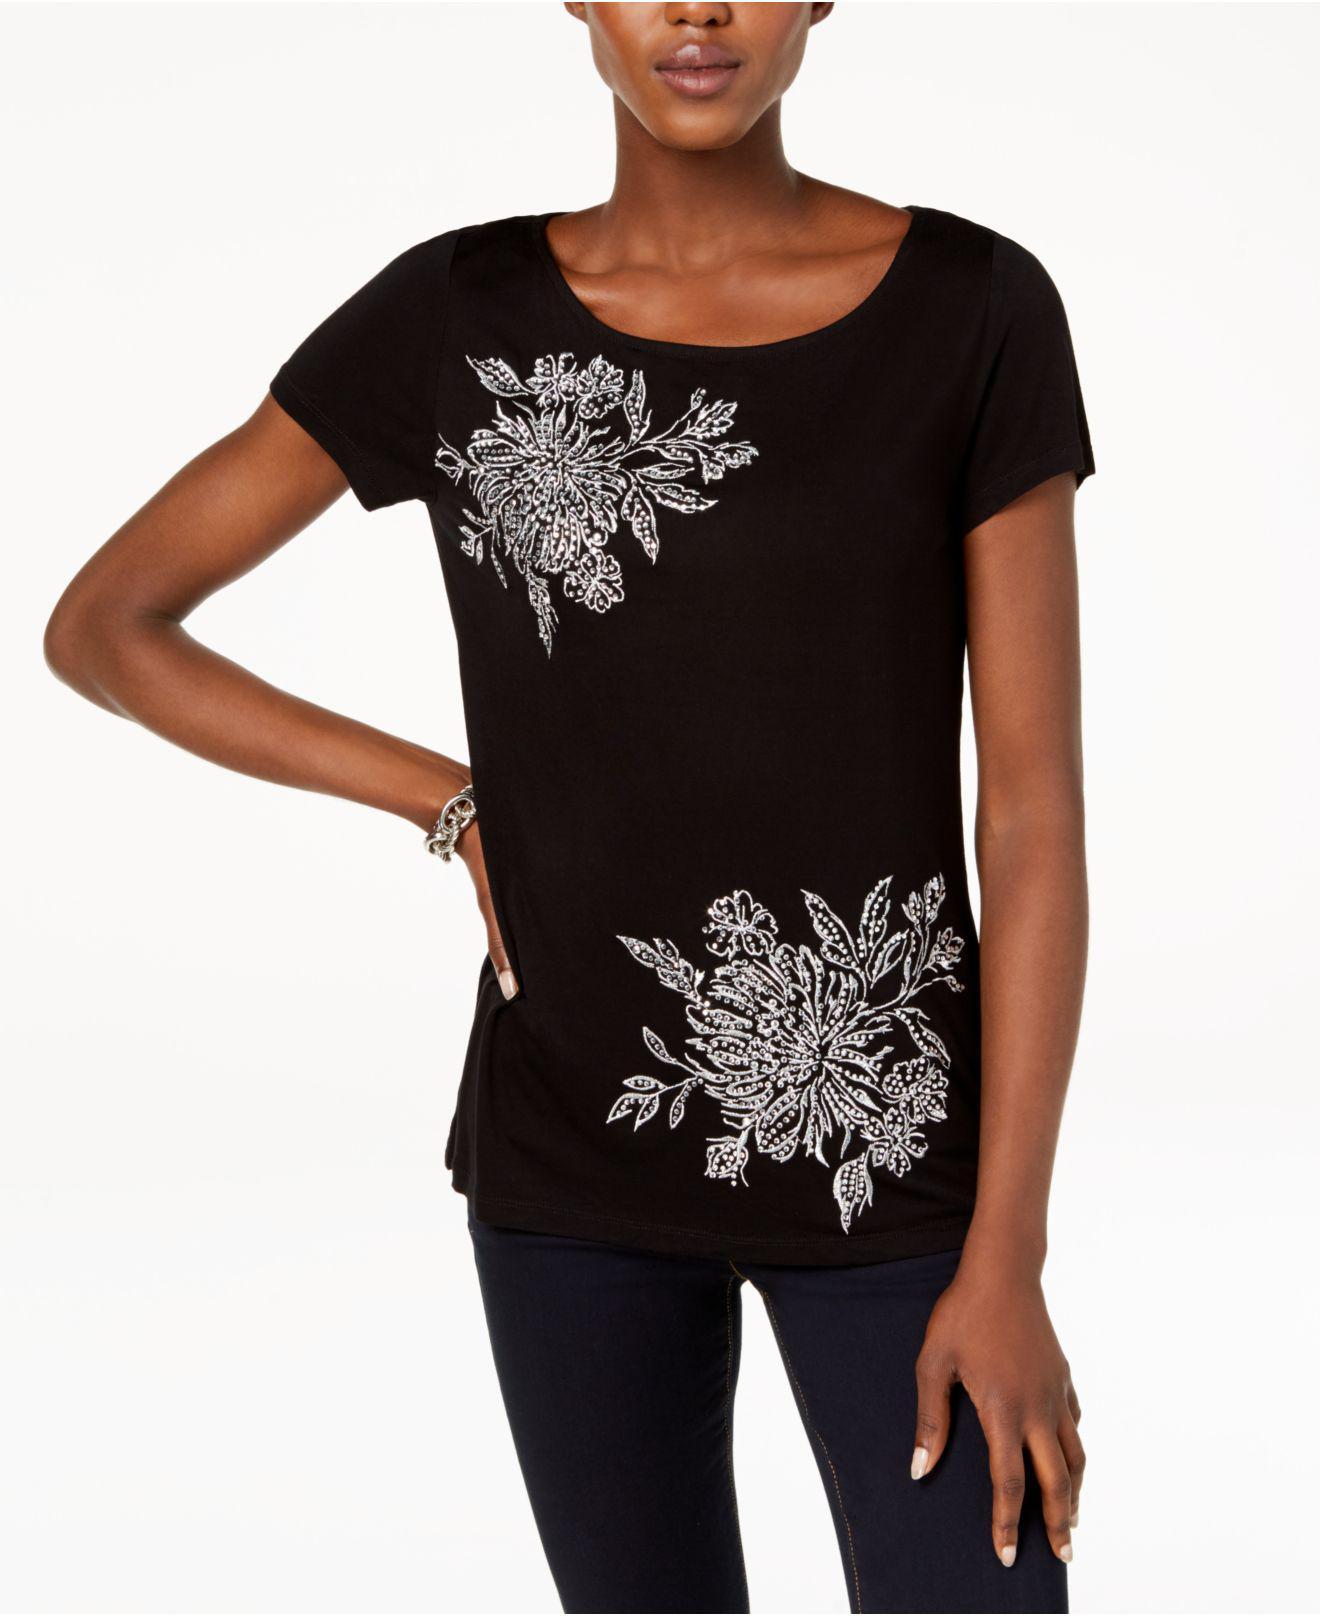 102593e57db Lyst - Inc International Concepts I.n.c. Embellished T-shirt ...